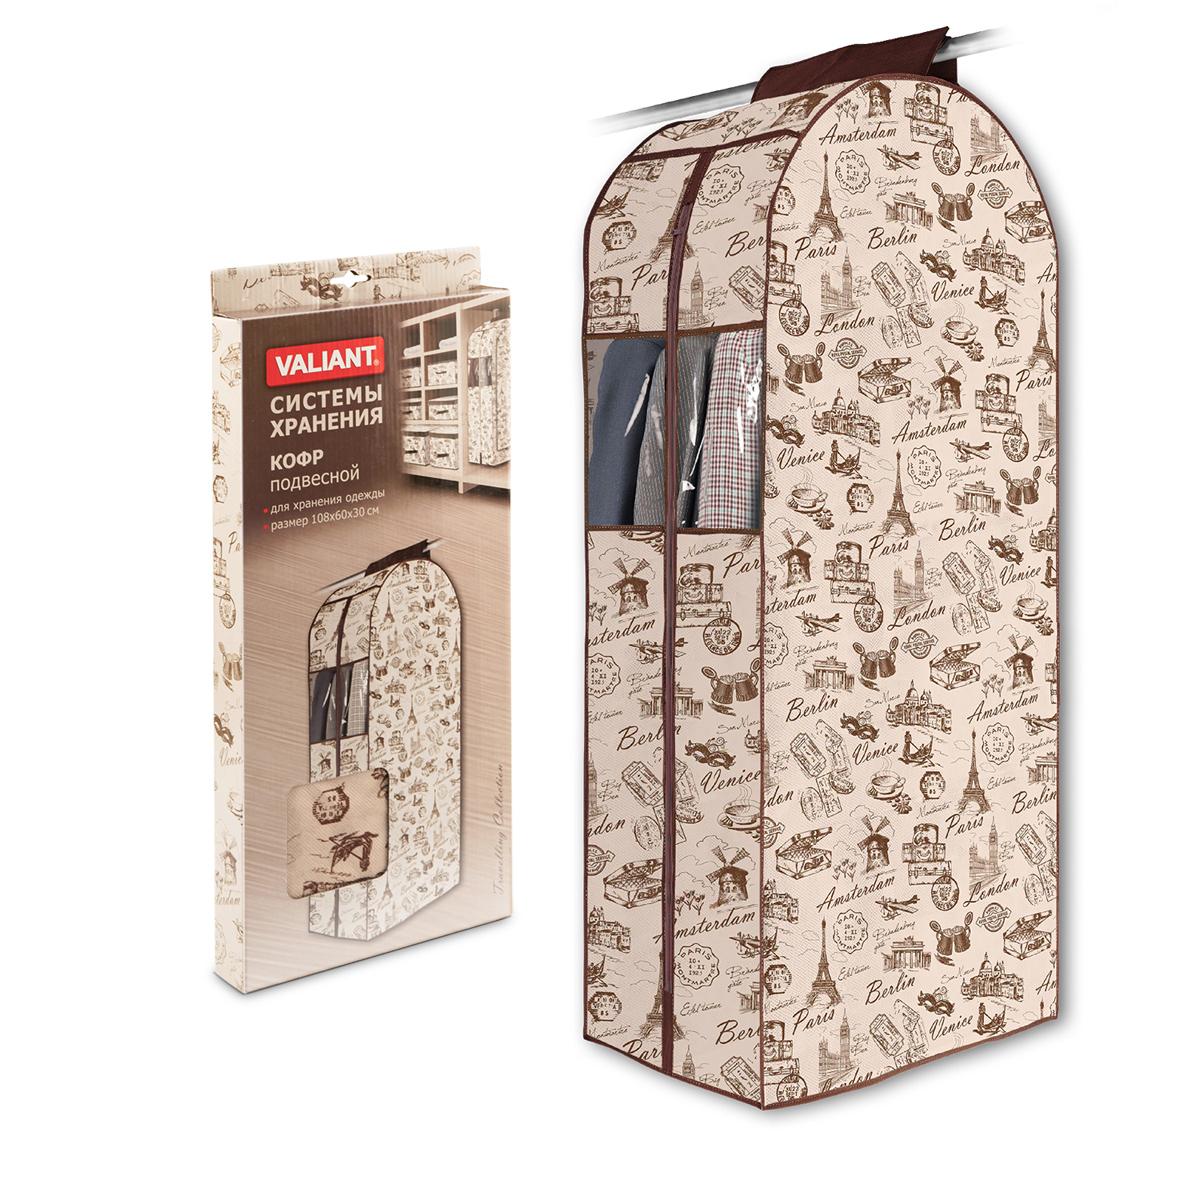 Кофр подвесной для одежды Valiant Travelling, 108 х 60 х 30 смTRC108Подвесной кофр для одежды Valiant Travelling изготовлен из высококачественного нетканого материала (спанбонда), который обеспечивает естественную вентиляцию, позволяя воздуху проникать внутрь, но не пропускает пыль. Кофр очень удобен в использовании. Благодаря размерам и форме отлично подходит для транспортировки и долговременного хранения одежды (летом - теплых курток и пальто, зимой - летнего гардероба). Легко открывается и закрывается с помощью застежки-молнии. Кофр снабжен прозрачным окошком из ПВХ, что позволяет легко просматривать содержимое. Изделие снабжено широкой петлей на липучках, с помощью которой крепится к перекладине в гардеробе. Оригинальный дизайн погружает в атмосферу путешествий по разным городам и странам. Системы хранения в едином дизайне сделают вашу гардеробную красивой и невероятно стильной.